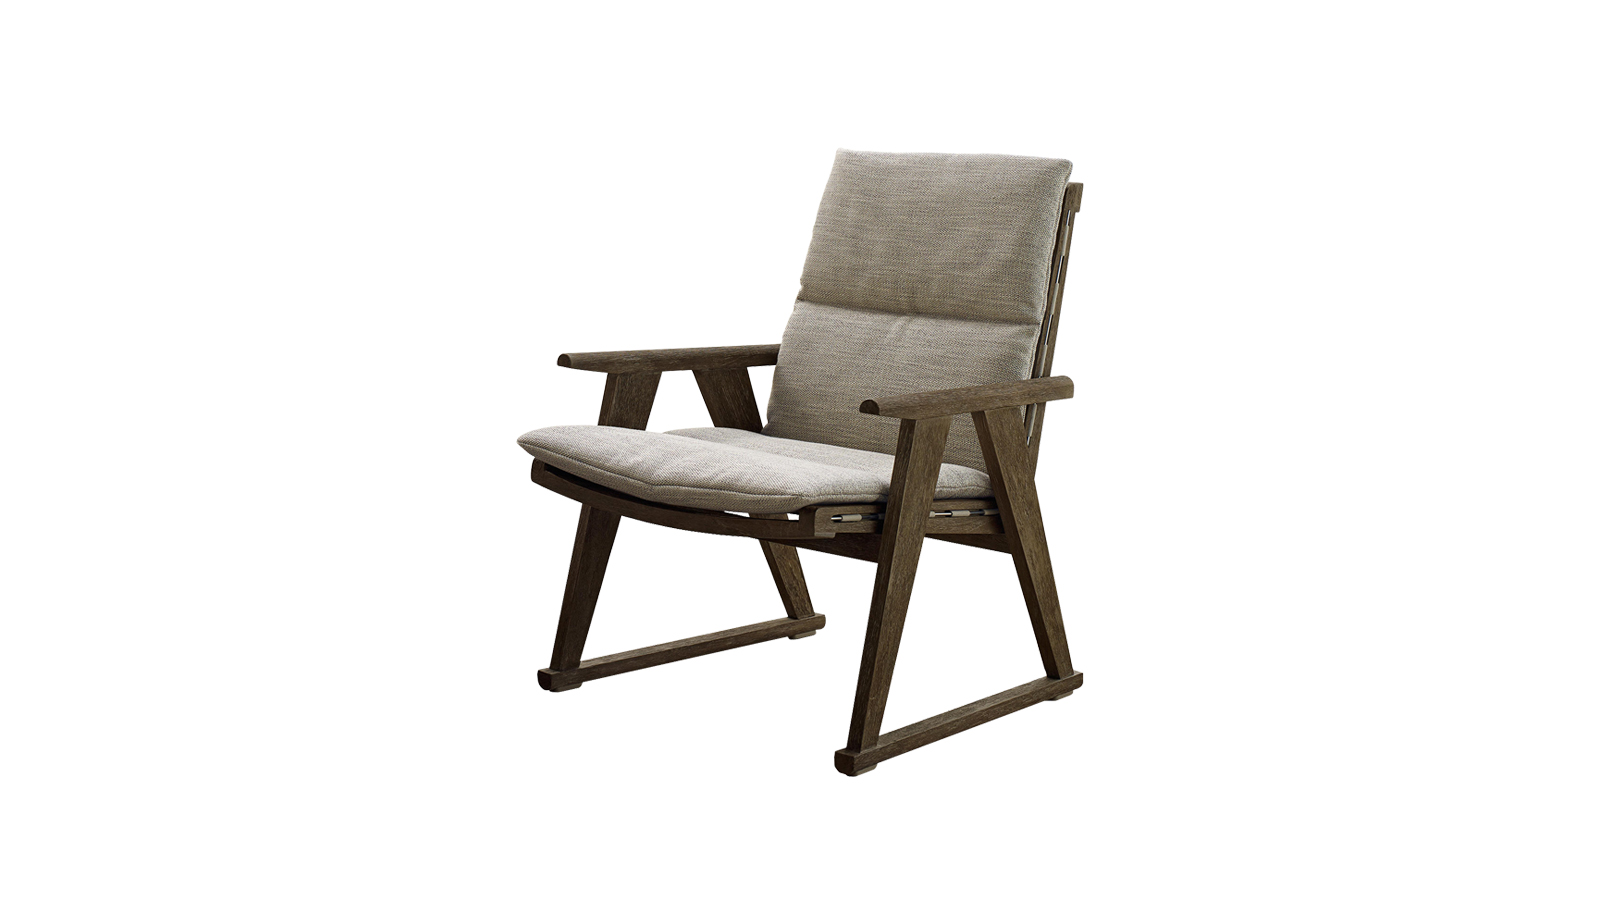 Az Antonio Citterio által tervezett Gio kortárs sorozat klasszikus elemekkel, amelyet a designer a szabadban való kényelemnek szentelt. A bútorok tikfa szerkezetekből állnak össze, speciális antik szürke színnel, amely a fának különleges ezüstszürke megjelenést kölcsönöz. A Gio karfa speicális kialakításának és anyagkezelésének hála ellenáll az időjárásnak, az UV fénynek, a klóros víznek, valamint a sós tengeri permetnek.